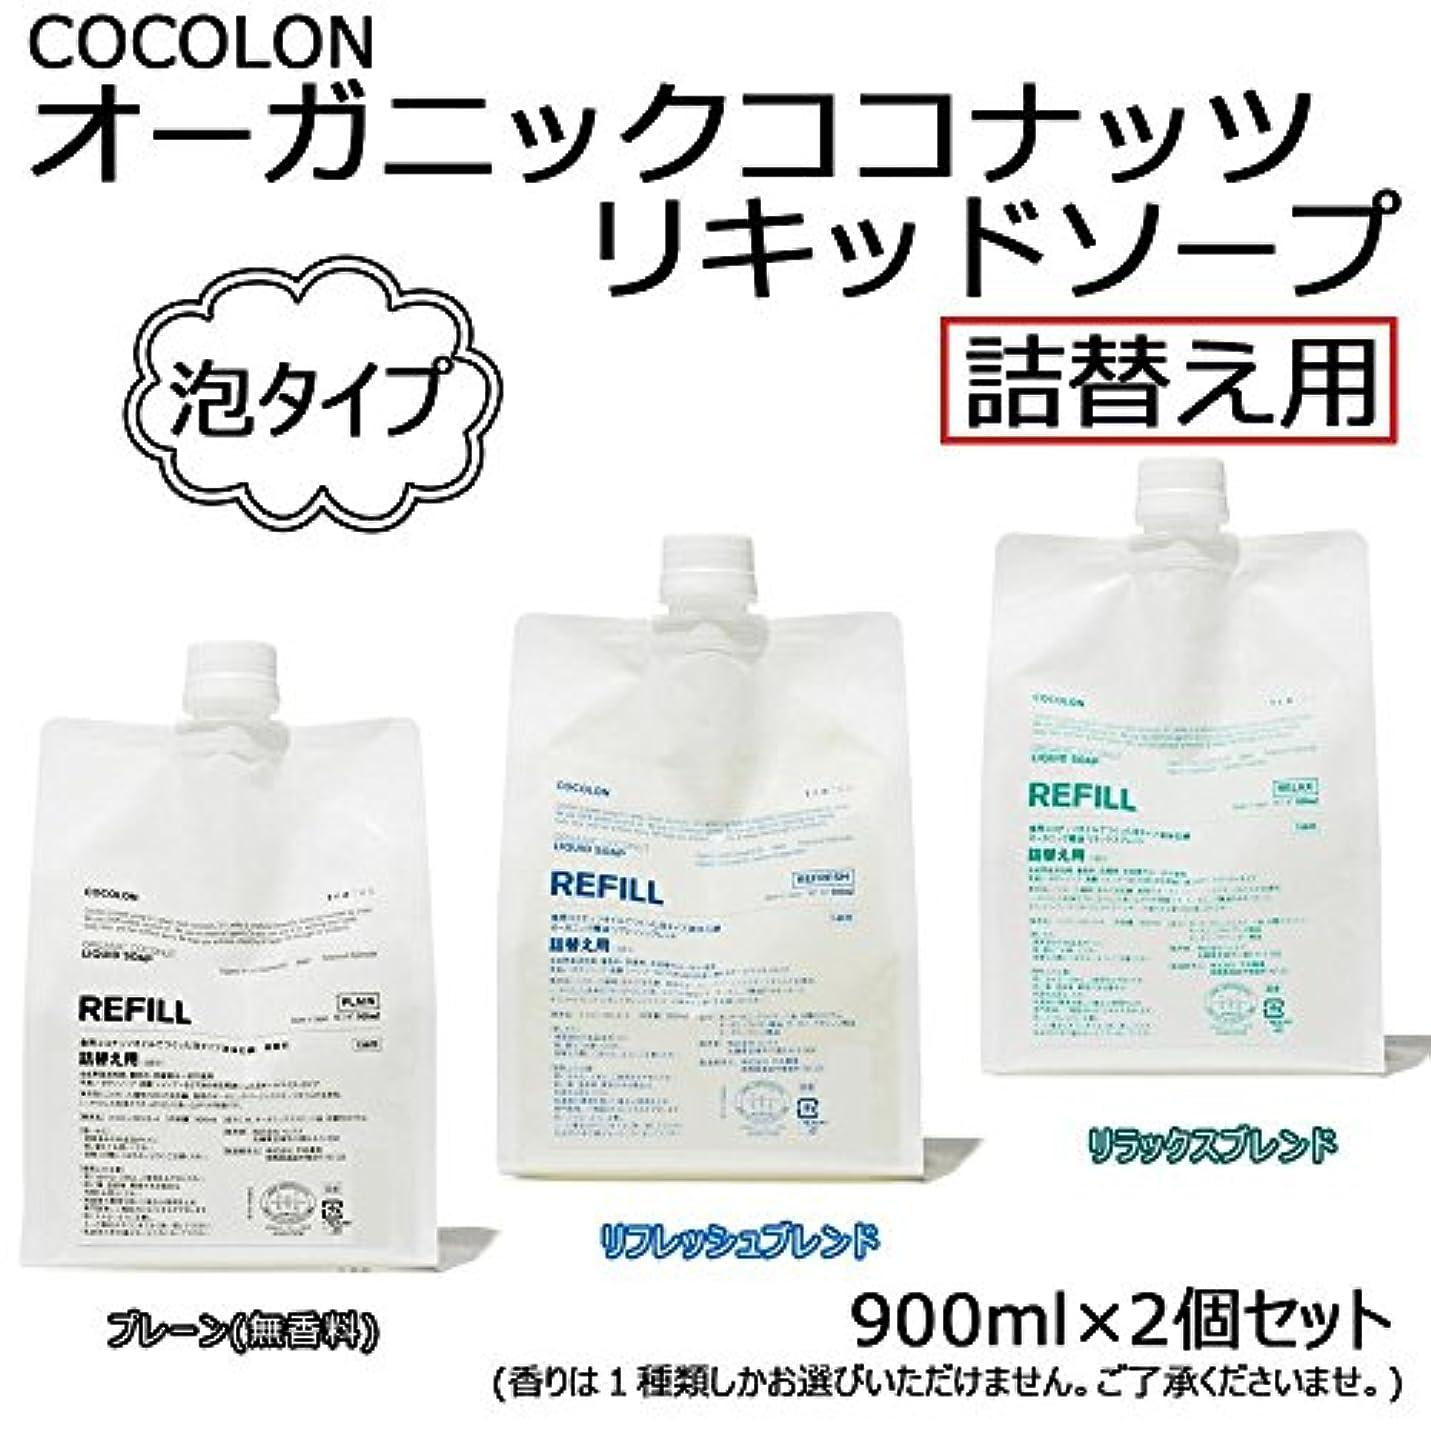 航海のまで分類COCOLON ココロン オーガニックココナッツリキッドソープ 泡タイプ 詰替え用 900ml 2個セット【同梱?代引不可】 ■3種類の内「リラックスブレンド」のみです